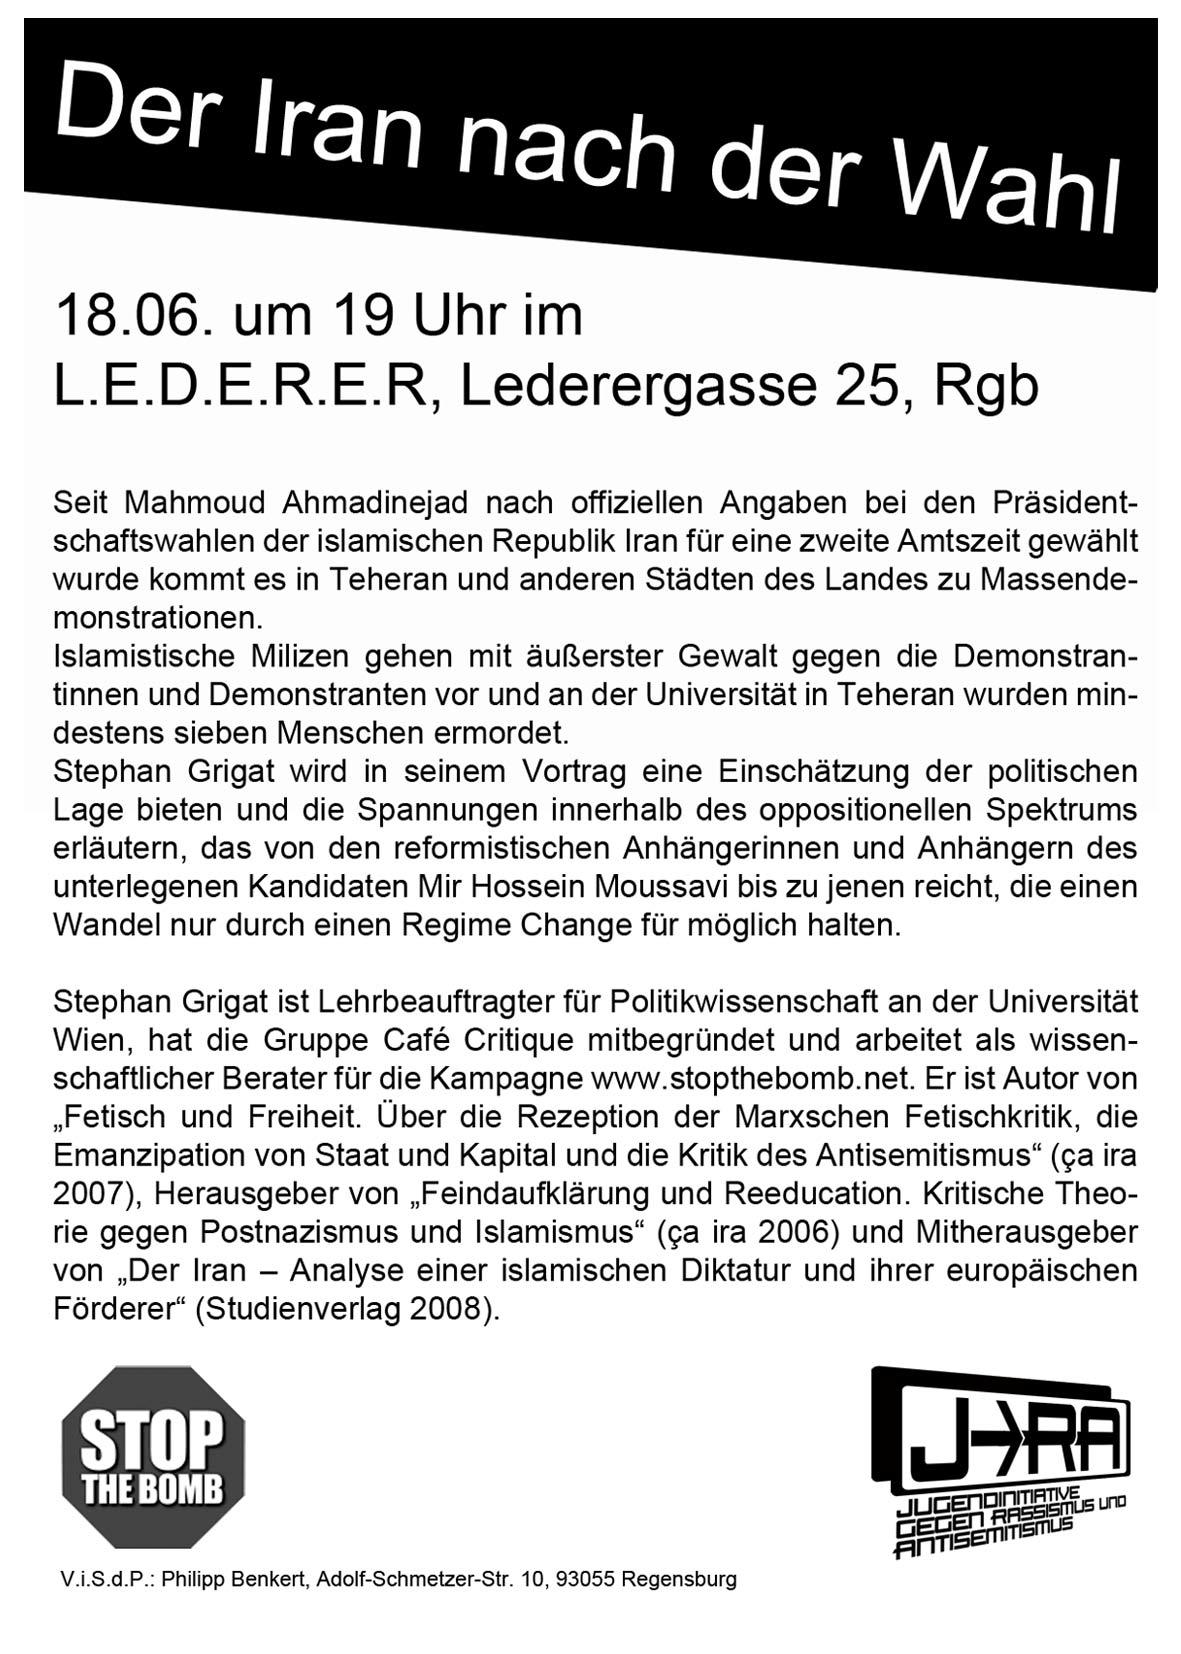 Der Iran nach der Wahl 2009. Flyer zum Vortrag von Stephan Grigat